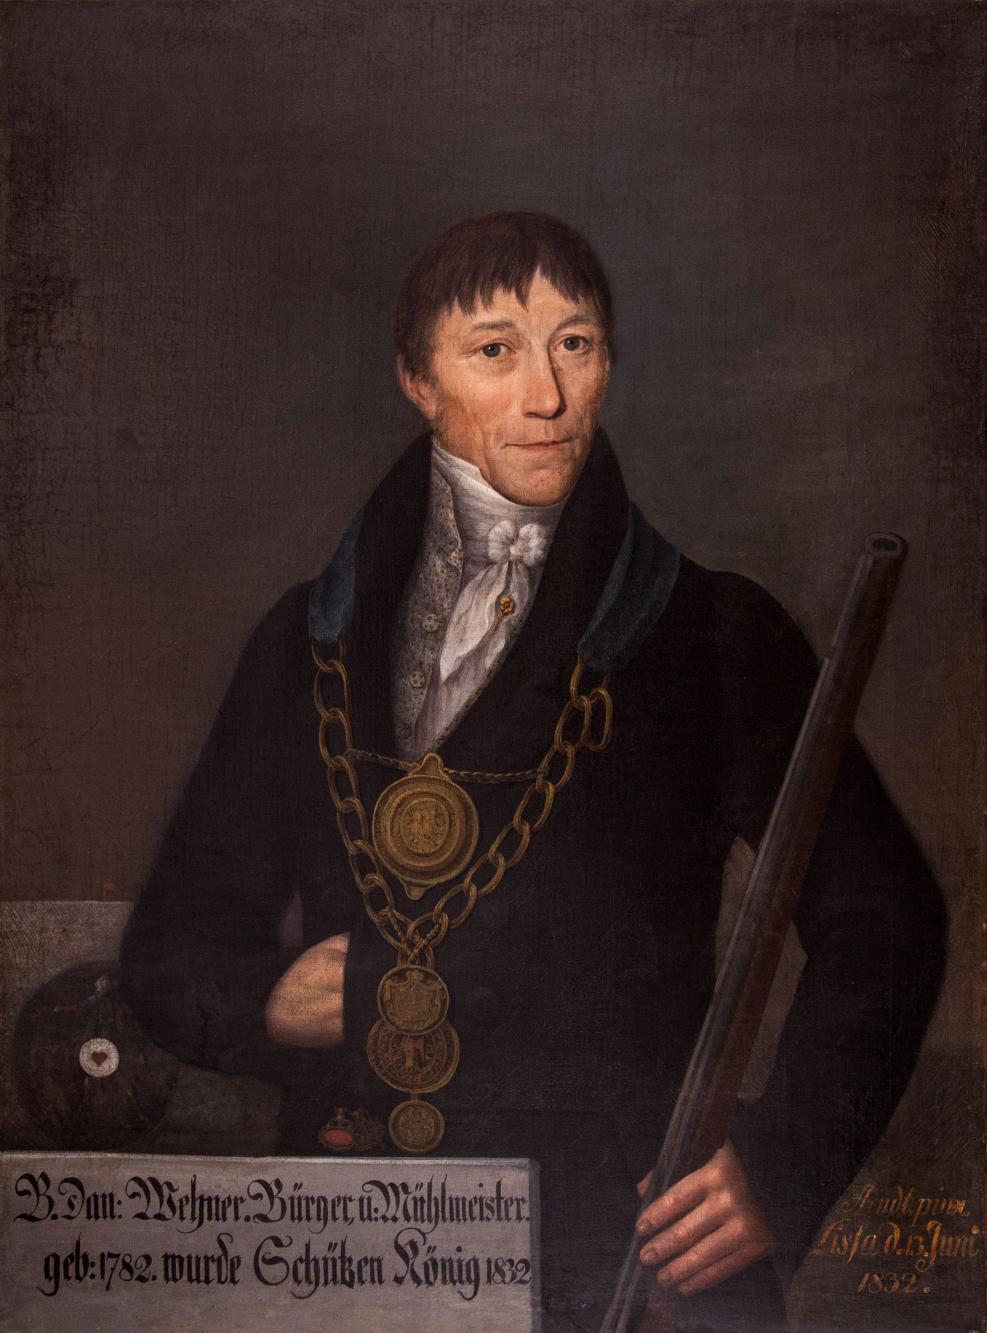 Portret króla kurkowego B. Dan. Wehnera